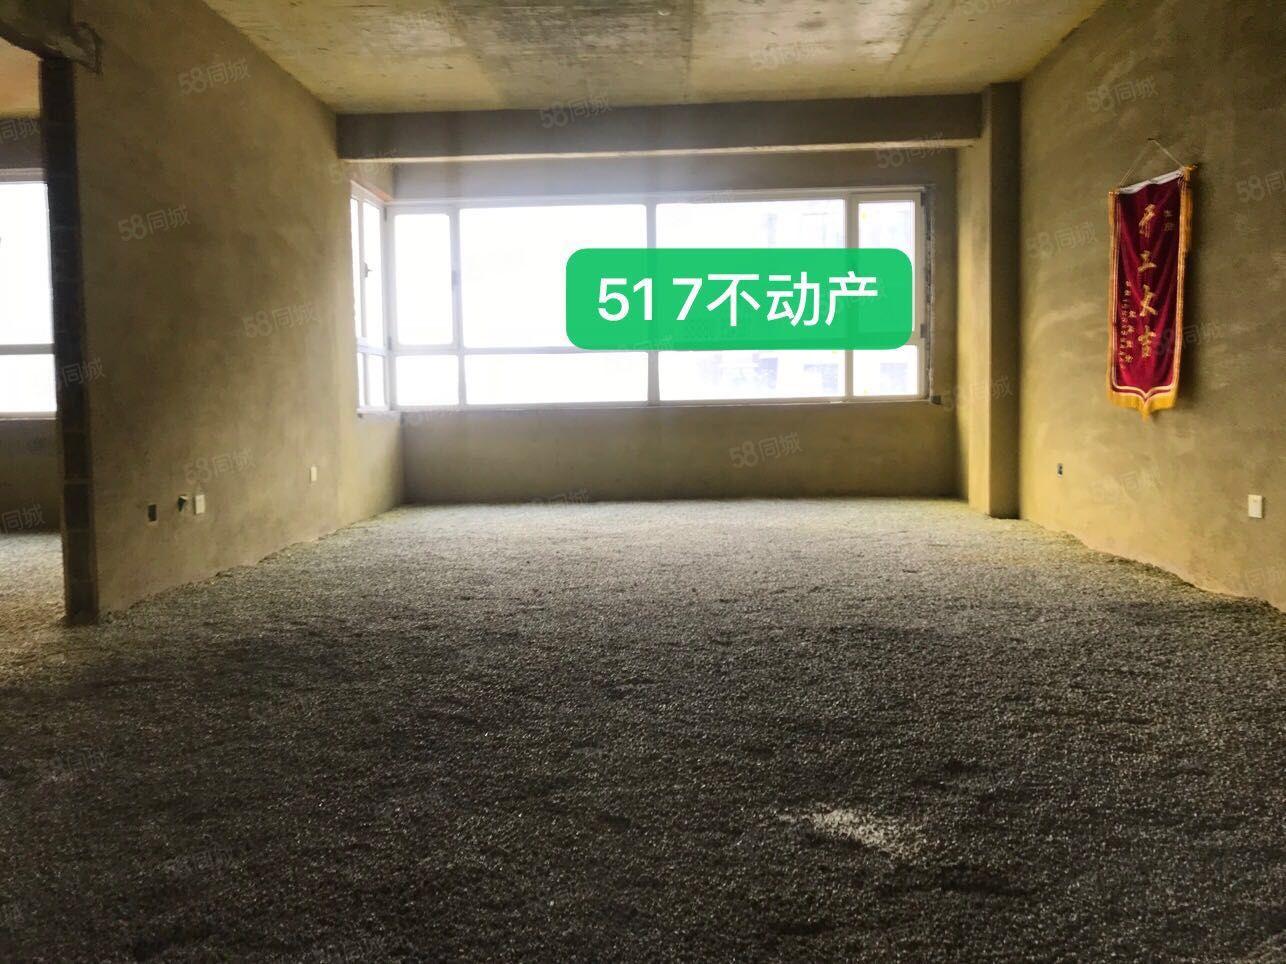 帝泊湾二期三室两厅两洋房实验三小小区位置好价格美丽